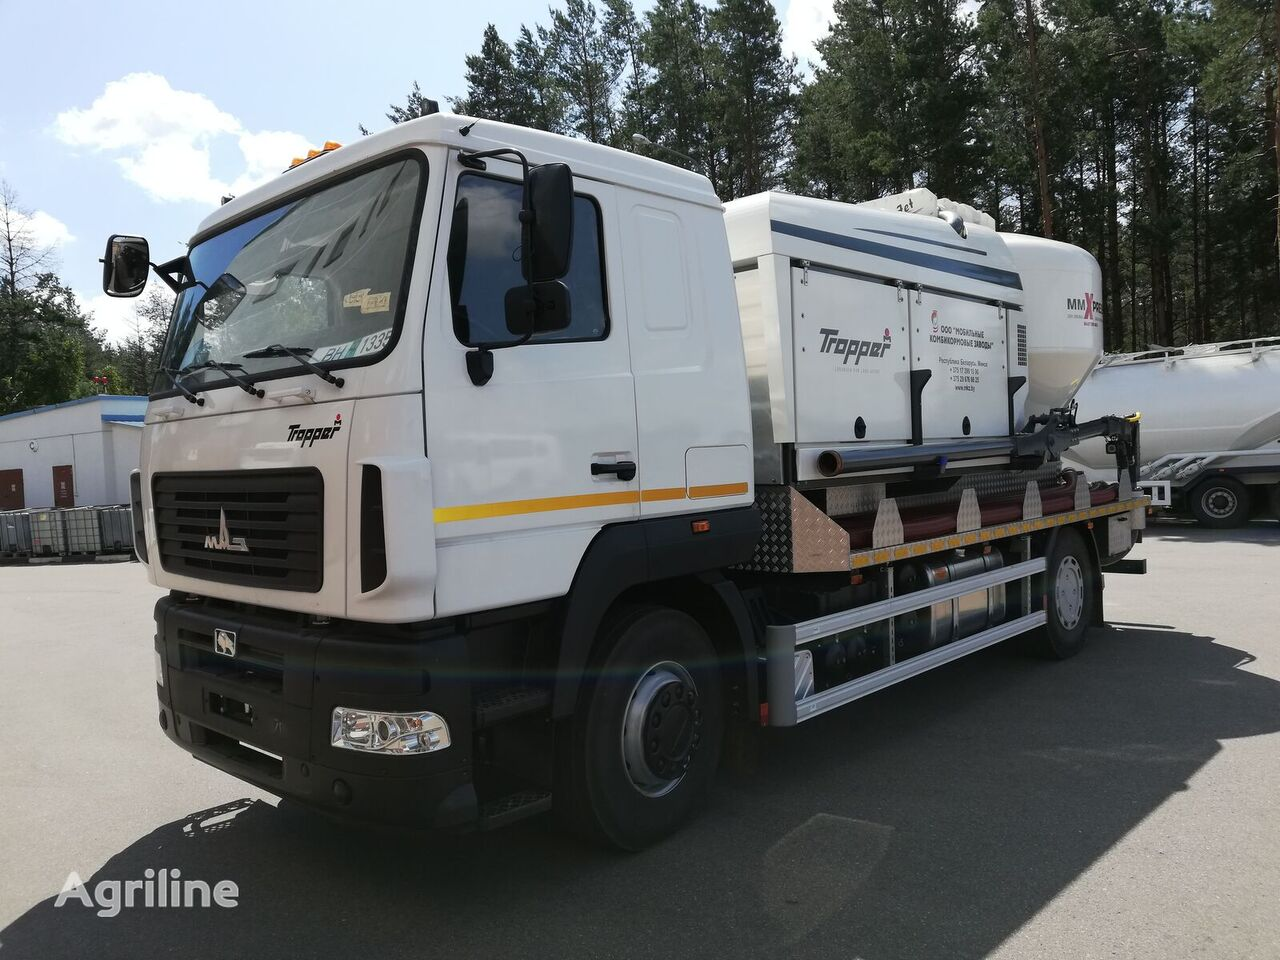 новый мобильный комбикормовый завод МКЗ-3214 на шасси МАЗ